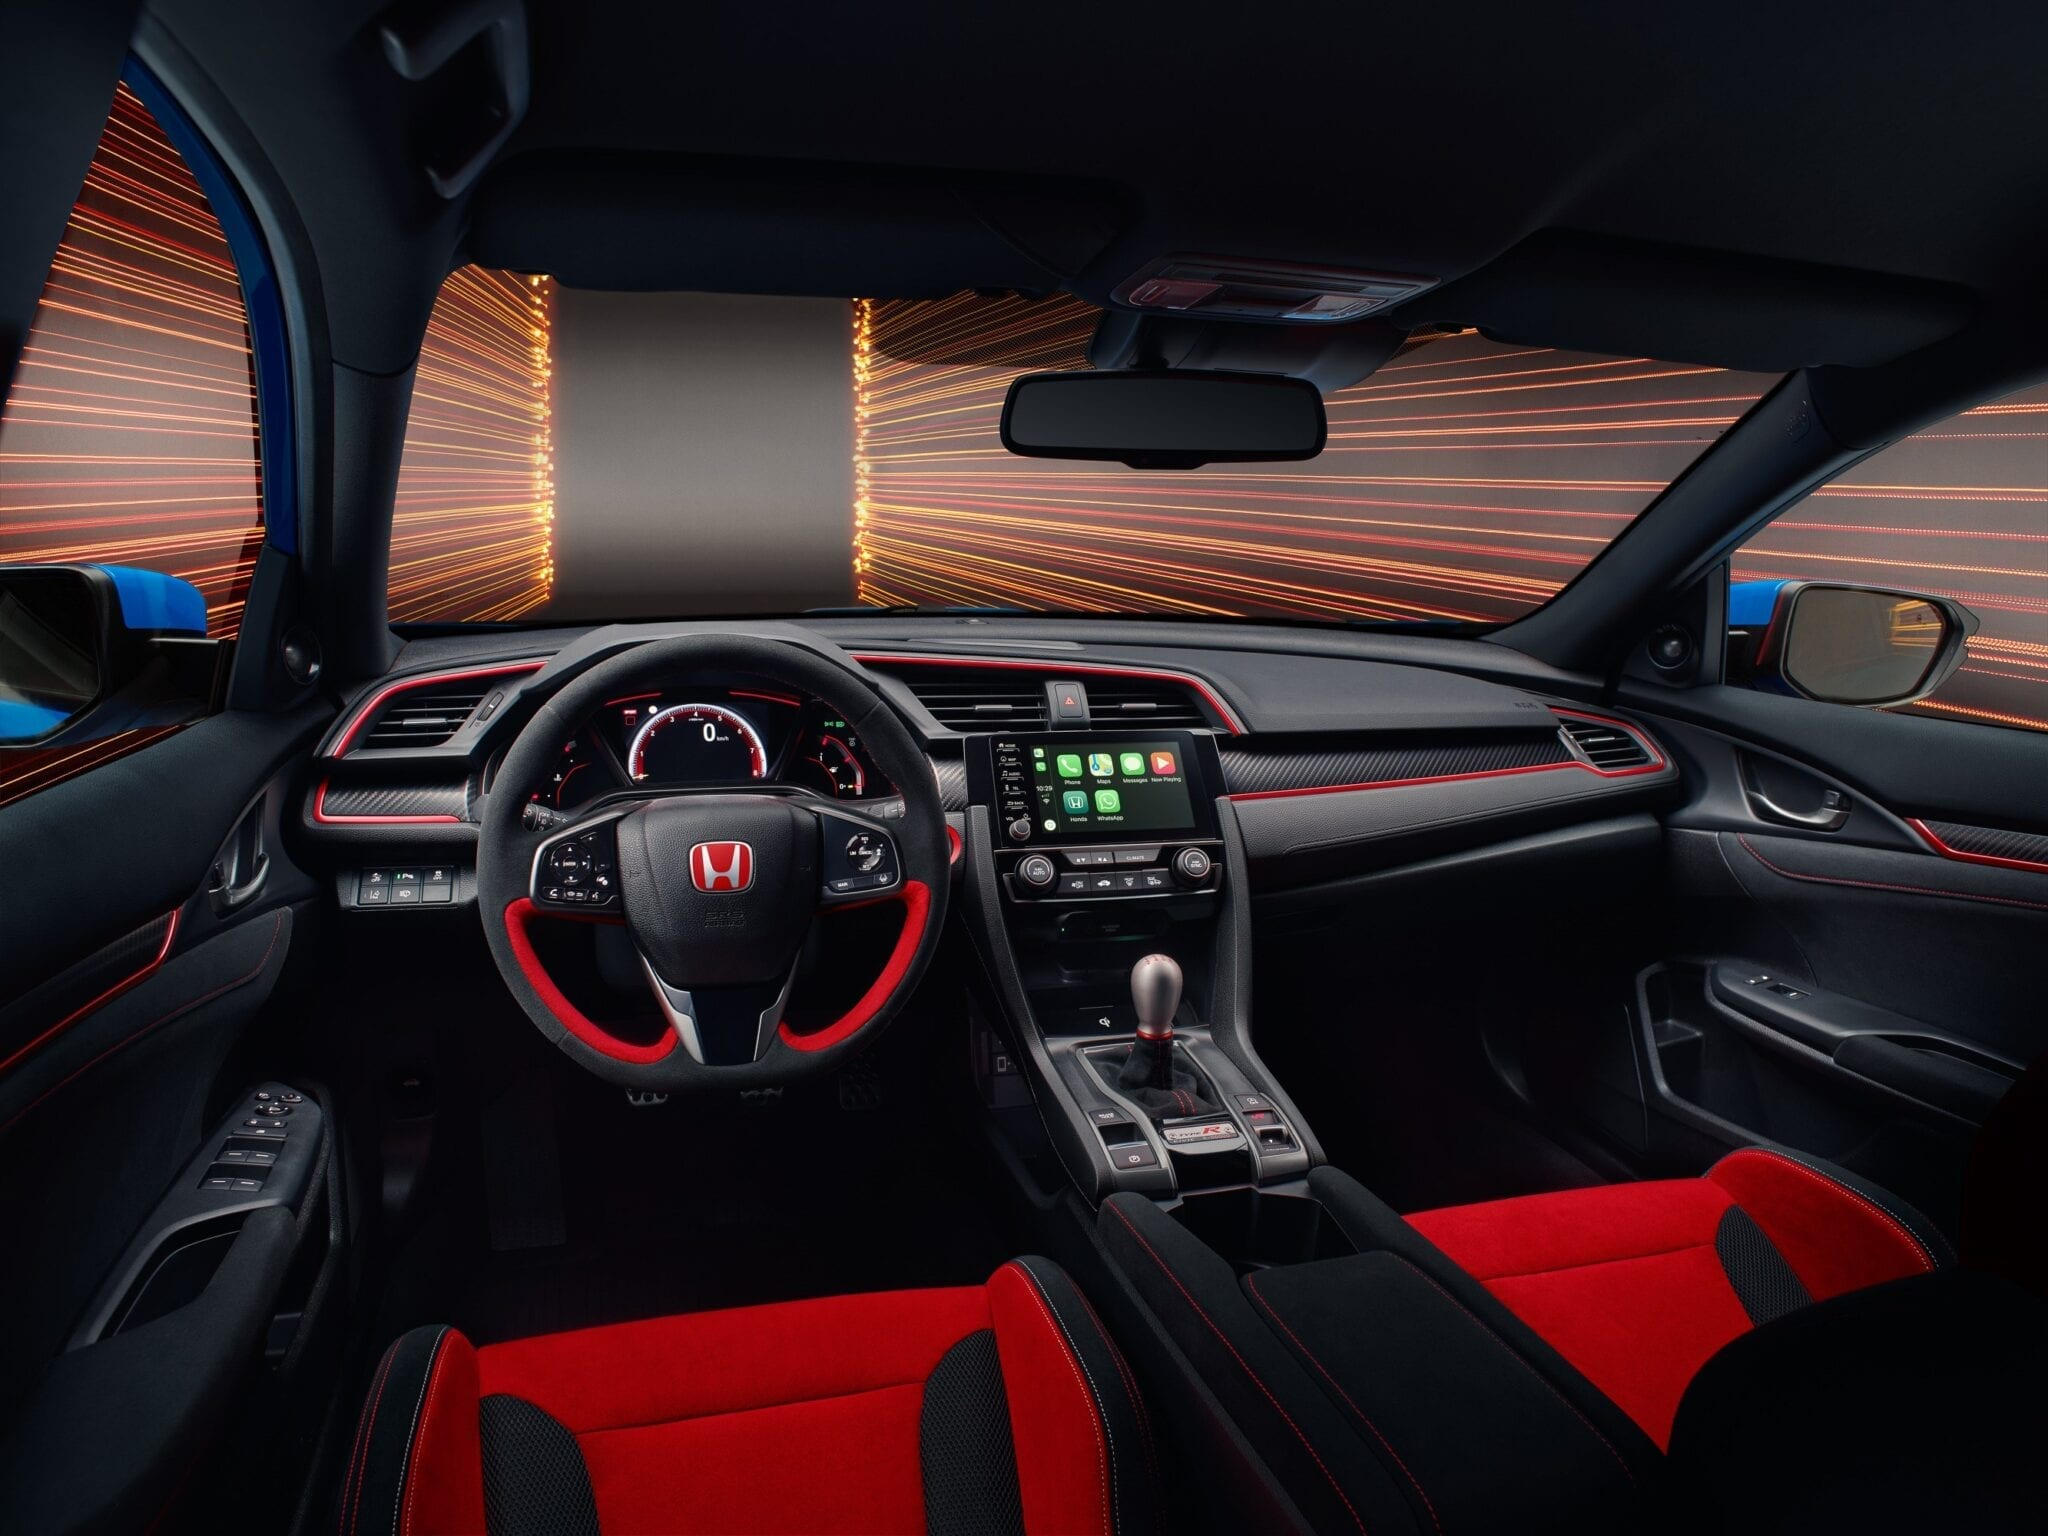 Het compacte en lage dashboard zorgt voor een verbeterd zicht voor de bestuurder. De grotere hoek op ooghoogte levert samen met de smallere 'A'-stijlen een goed overzicht van de weg.